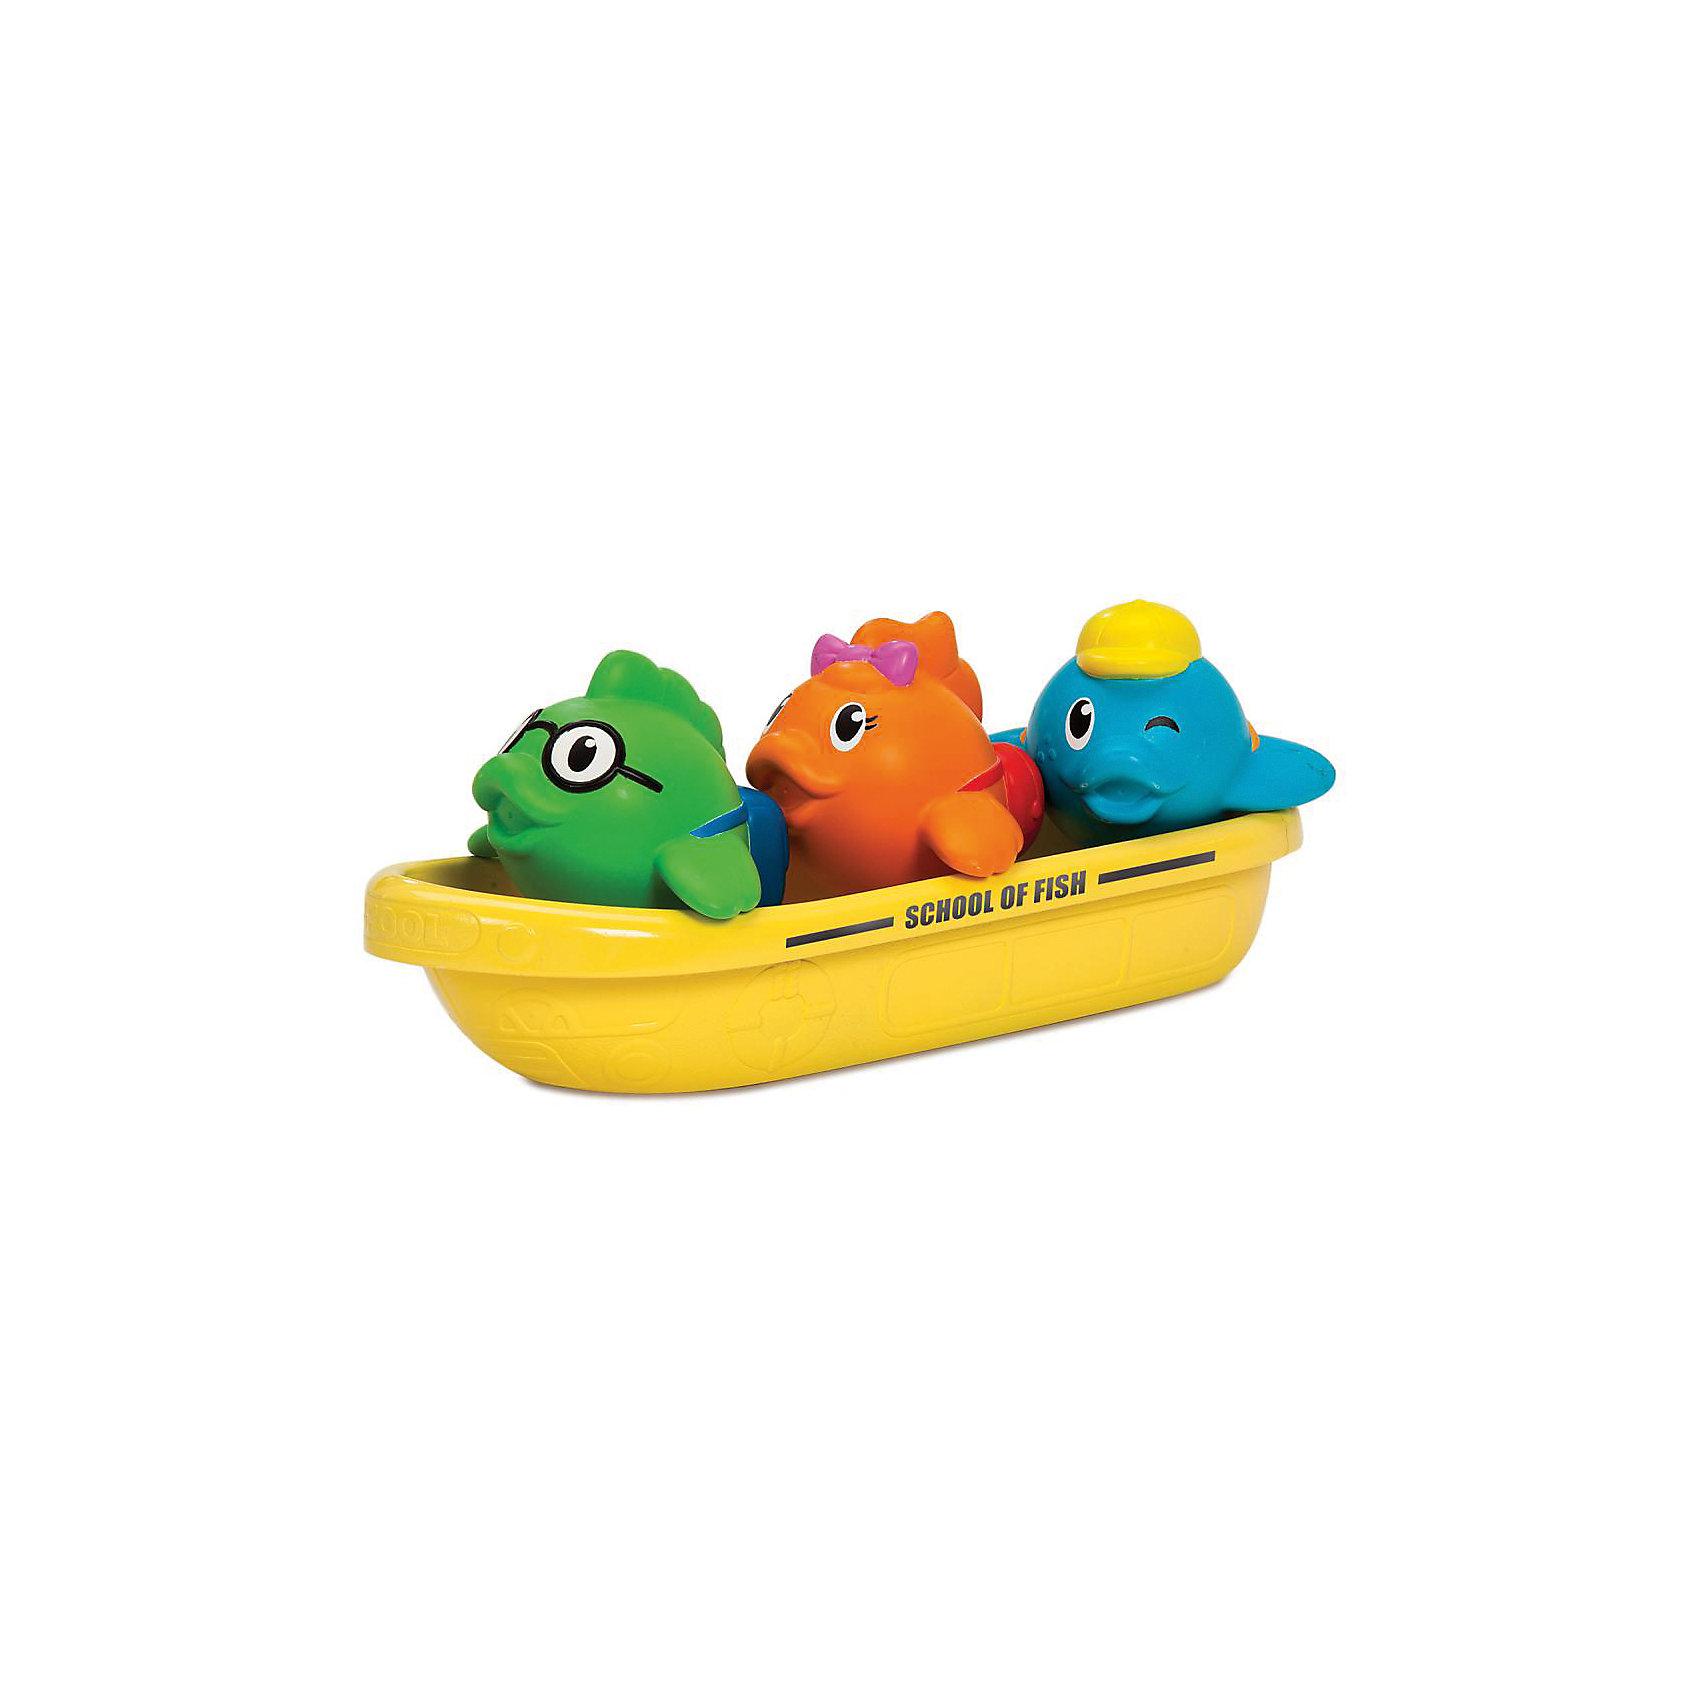 Игрушка для ванны Школа рыбок 12+, MunchkinИгрушка для ванны Школа рыбок 12+, Munchkin (Манчкин) - непременно понравится вашему малышу и превратит купание в веселую игру!<br>Игрушка для ванны Школа рыбок от Munchkin (Манчкин) станет любимой игрушкой вашего малыша во время купания! Набор состоит из желтой лодки, играющей роль школьного автобуса для трех рыбок. Их внешность выразительно передает характеры «школьников». Зеленая рыбка – прилежный ученик в очках, оранжевая – милая девочка, синяя рыбка в кепке хитро подмигивает, показывая свой задорный нрав. Разноцветные рыбки не только плавают в лодке, но и брызгаются водой. Самой лодочкой можно зачерпывать воду и использовать ее в качестве кувшина для смывания шампуня. Миссия Munchkin (Манчкин), американской компании с 20-летней историей: избавить мир от надоевших и прозаических товаров, искать умные инновационные решения, которые превращает обыденные задачи в опыт, приносящий удовольствие. Понимая, что наибольшее значение в быту имеют именно мелочи, компания создает уникальные товары, которые помогают поддерживать порядок, организовывать пространство, облегчают уход за детьми – недаром компания имеет уже более 140 патентов и изобретений, используемых в создании ее неповторимой и оригинальной продукции. Munchkin (Манчкин) делает жизнь родителей легче!<br><br>Дополнительная информация:<br><br>- Для детей с 12 месяцев<br>- В наборе: лодочка, три рыбки-брызгалки<br>- Материал: пластмасса, резина<br>- Размер упаковки: 9х18х17 см.<br>- Вес: 200 гр.<br><br>Игрушку для ванны Школа рыбок 12+, Munchkin (Манчкин) можно купить в нашем интернет-магазине.<br><br>Ширина мм: 90<br>Глубина мм: 180<br>Высота мм: 170<br>Вес г: 200<br>Возраст от месяцев: 12<br>Возраст до месяцев: 36<br>Пол: Унисекс<br>Возраст: Детский<br>SKU: 4701931